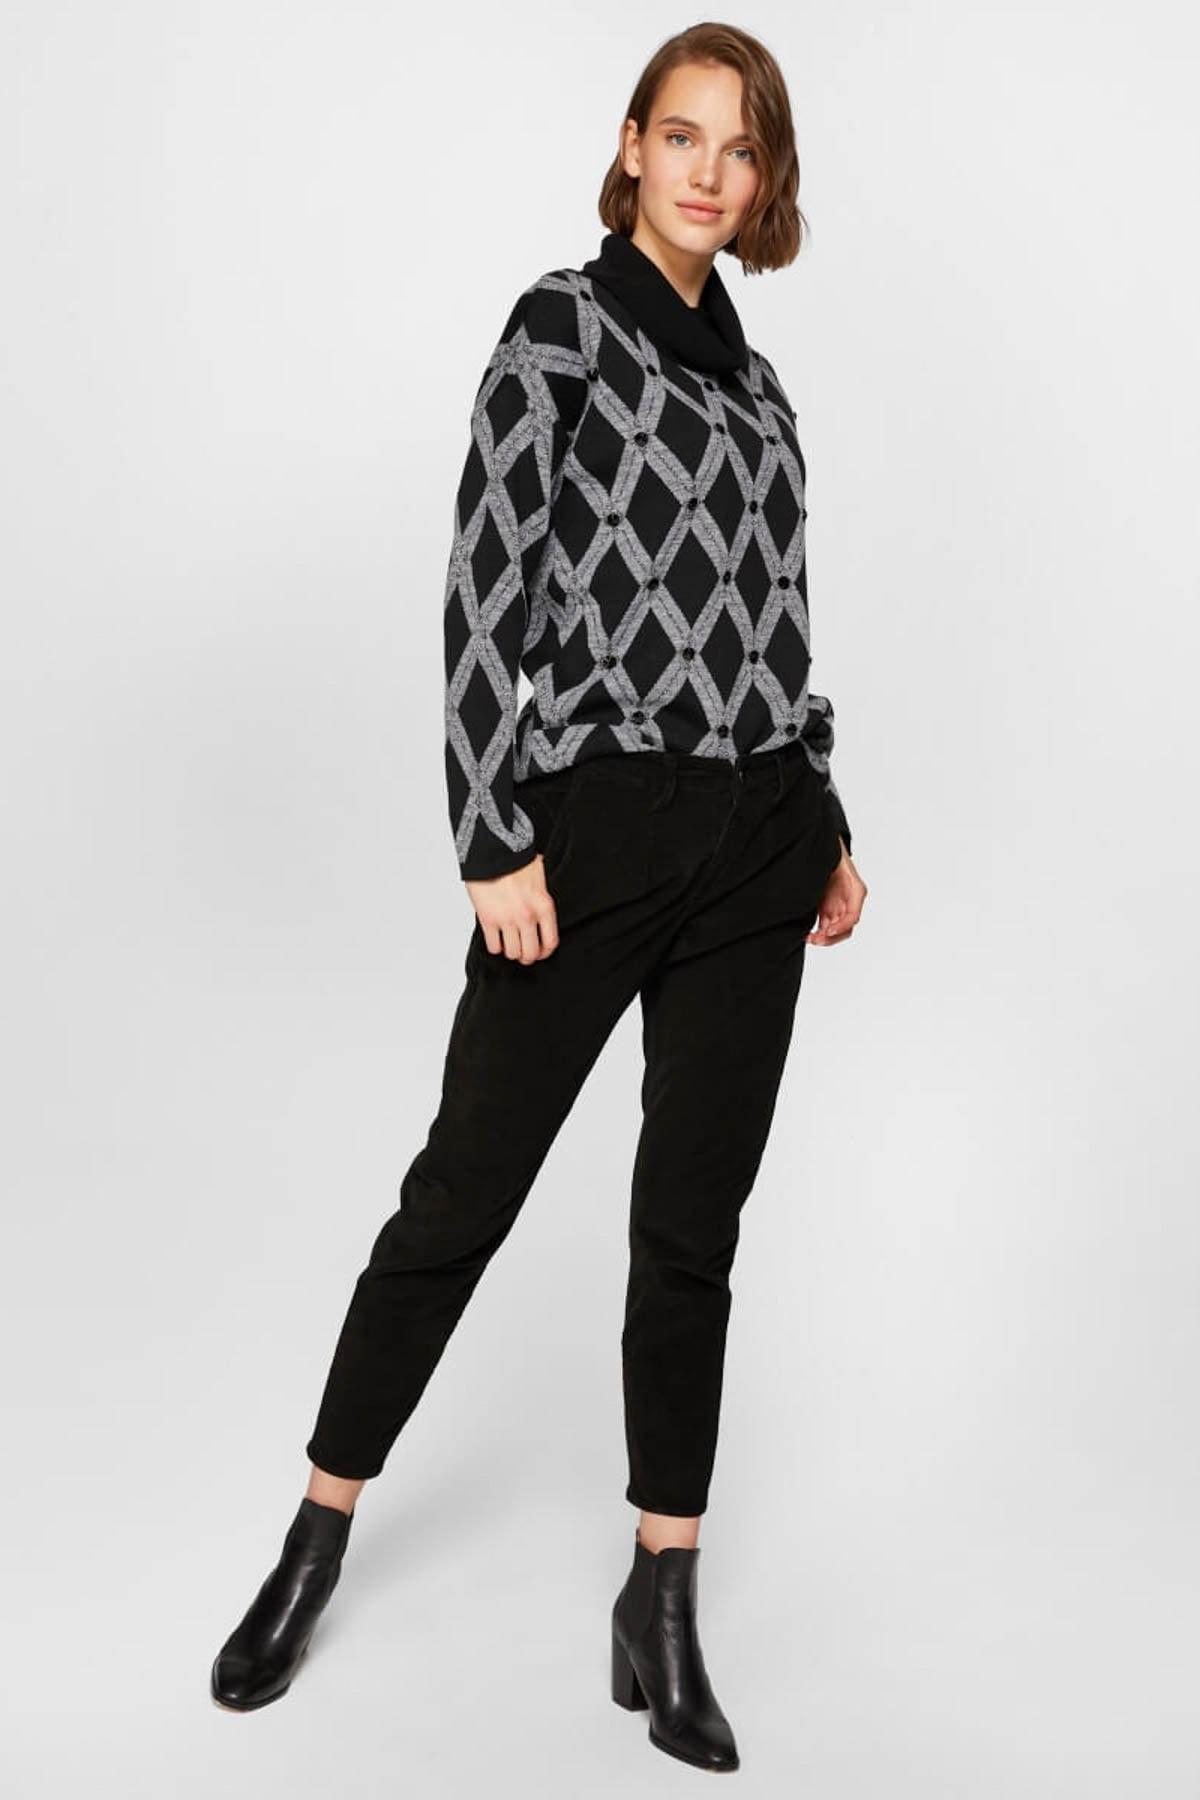 Faik Sönmez Kadın Siyah Pantolon 39516 U39516 2